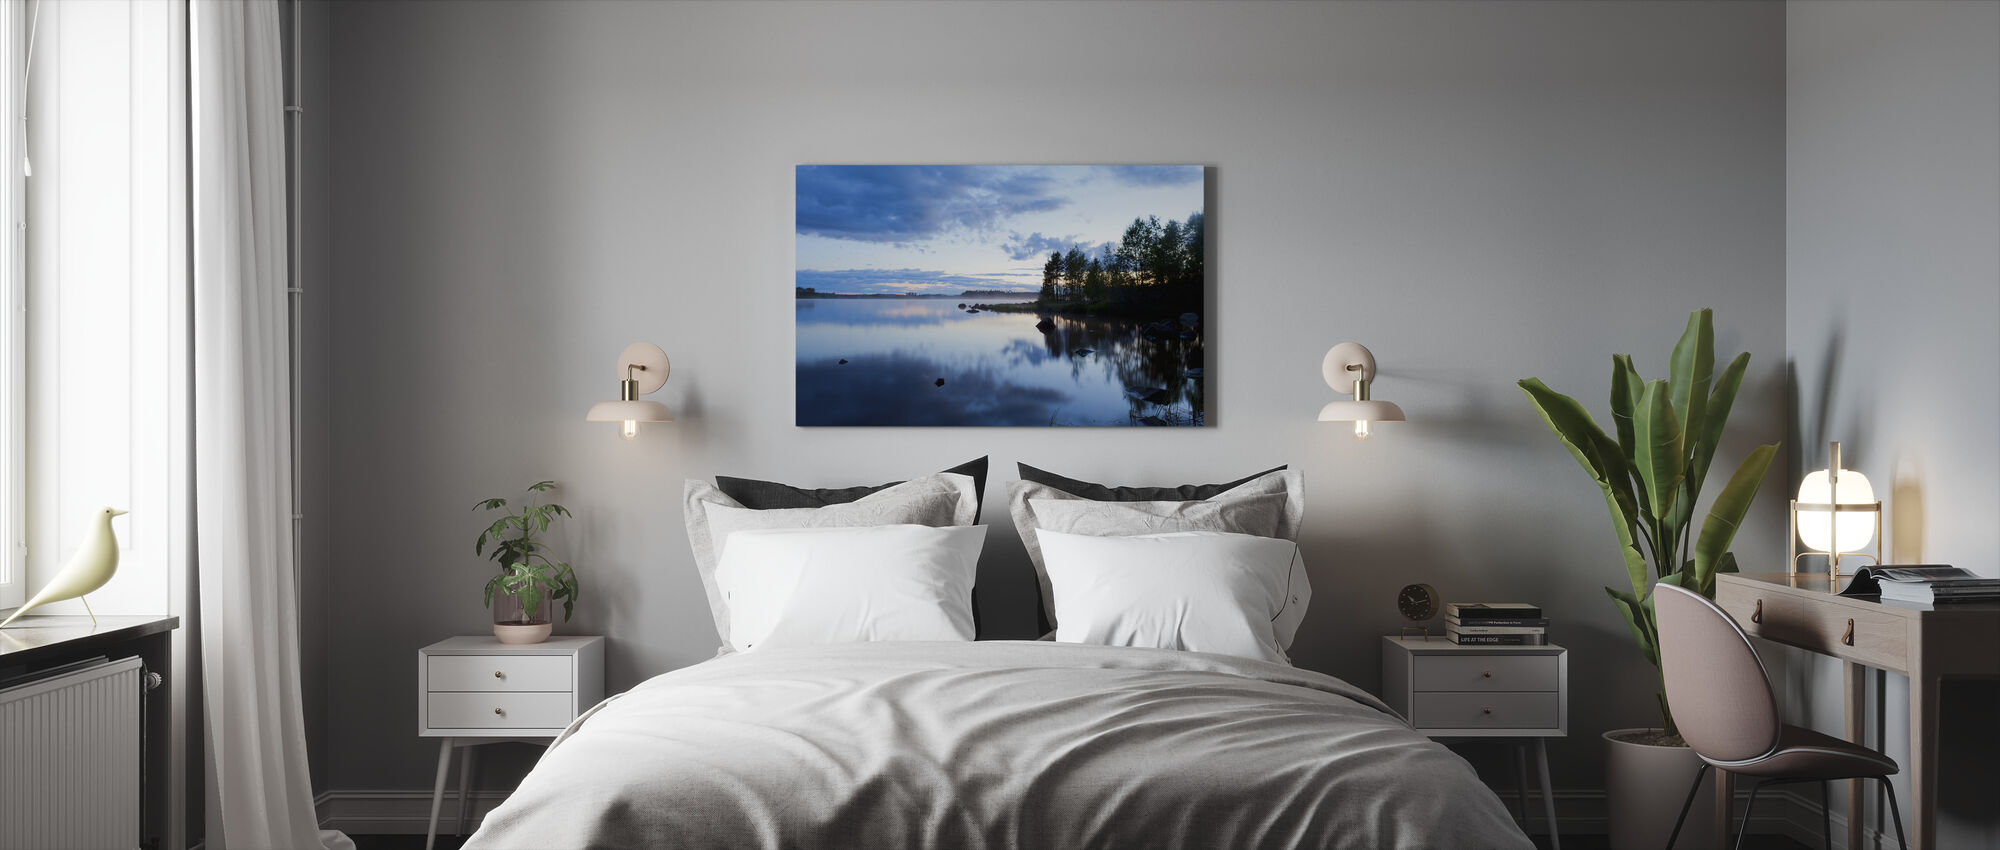 Venjan in Dalarna, Sweden, Europe - Canvas print - Bedroom